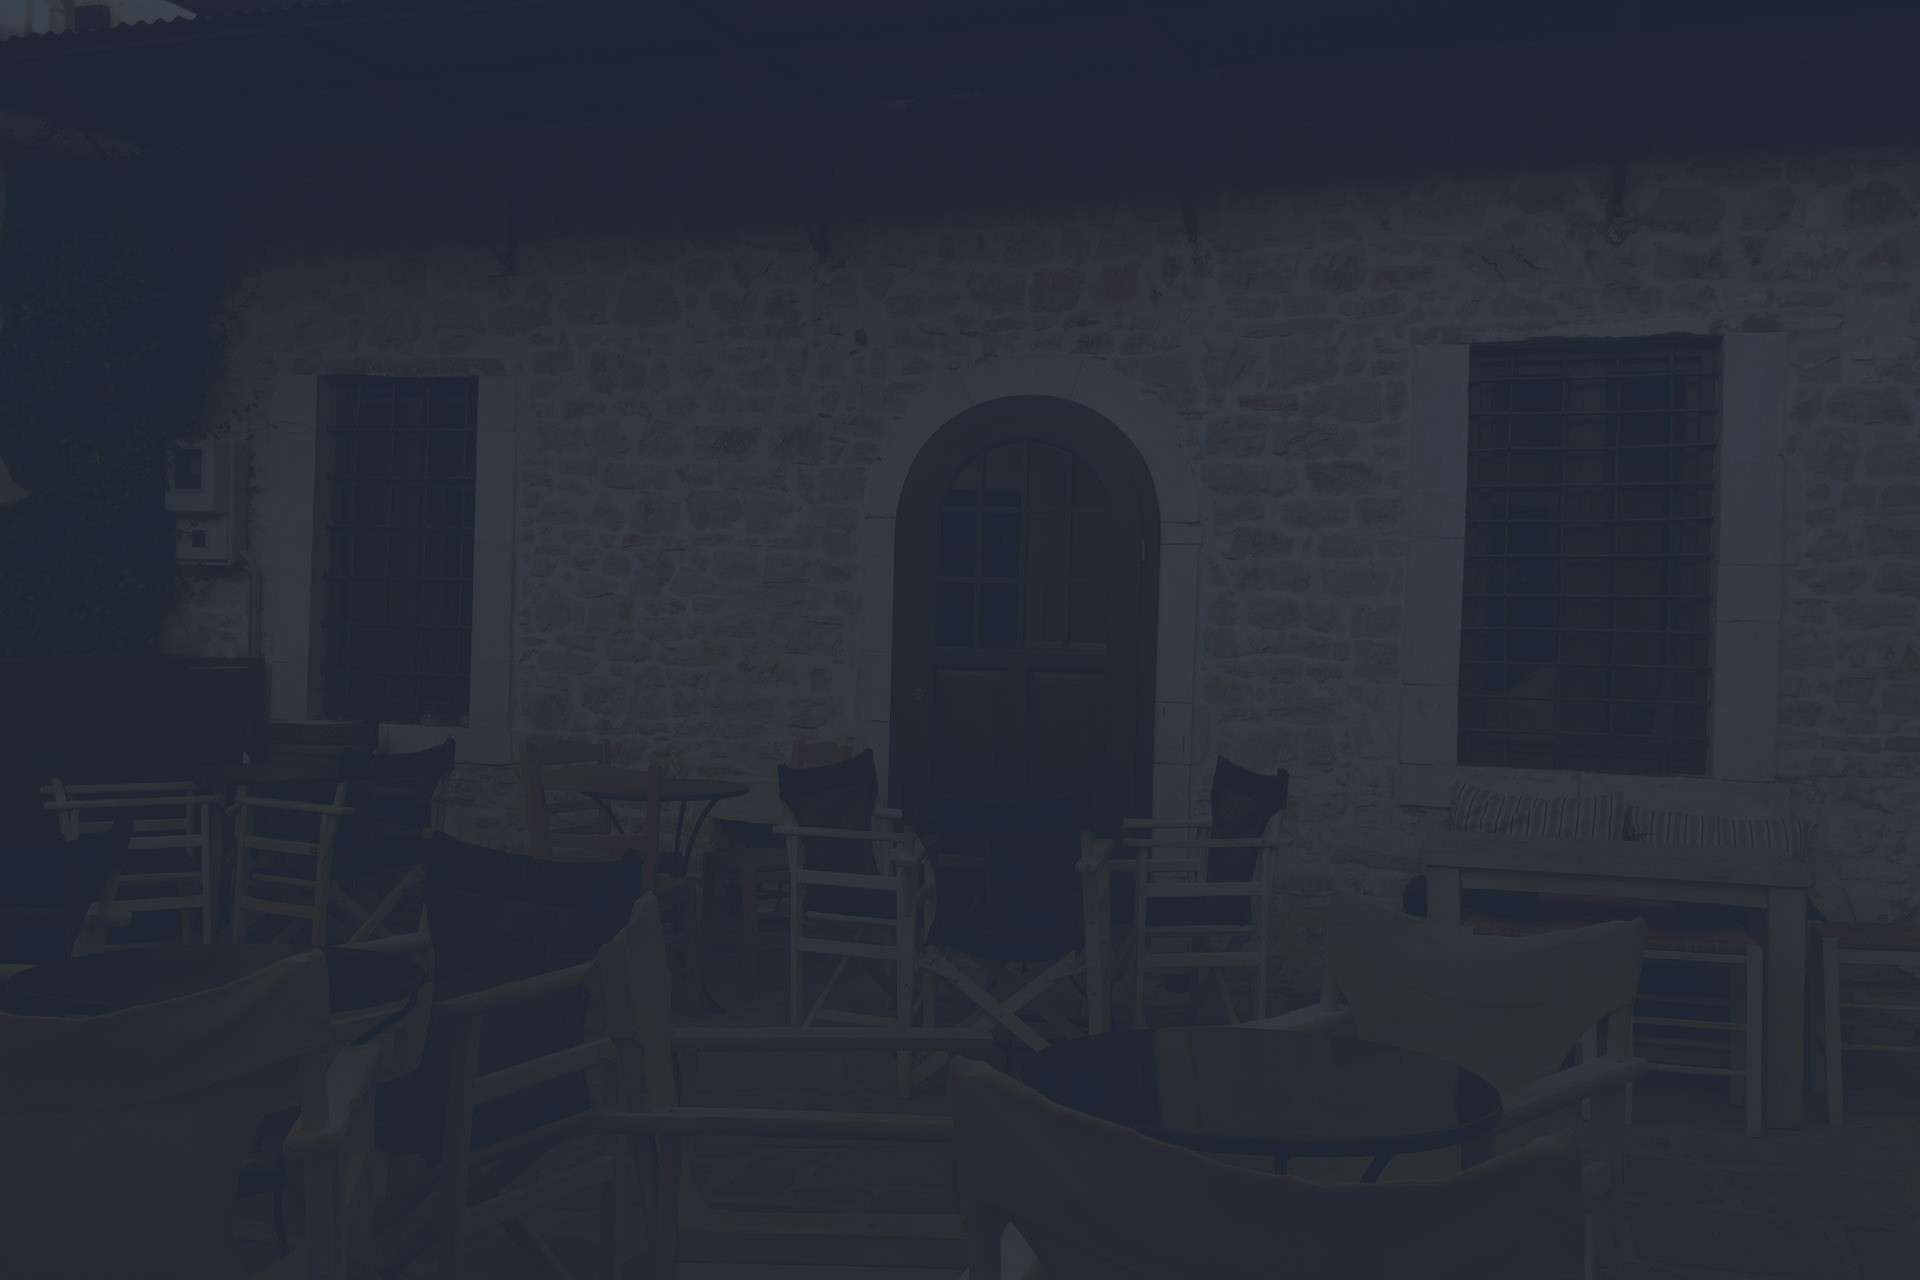 Καφέ ουζερί τσιπουράδικο στα Ιωάννινα